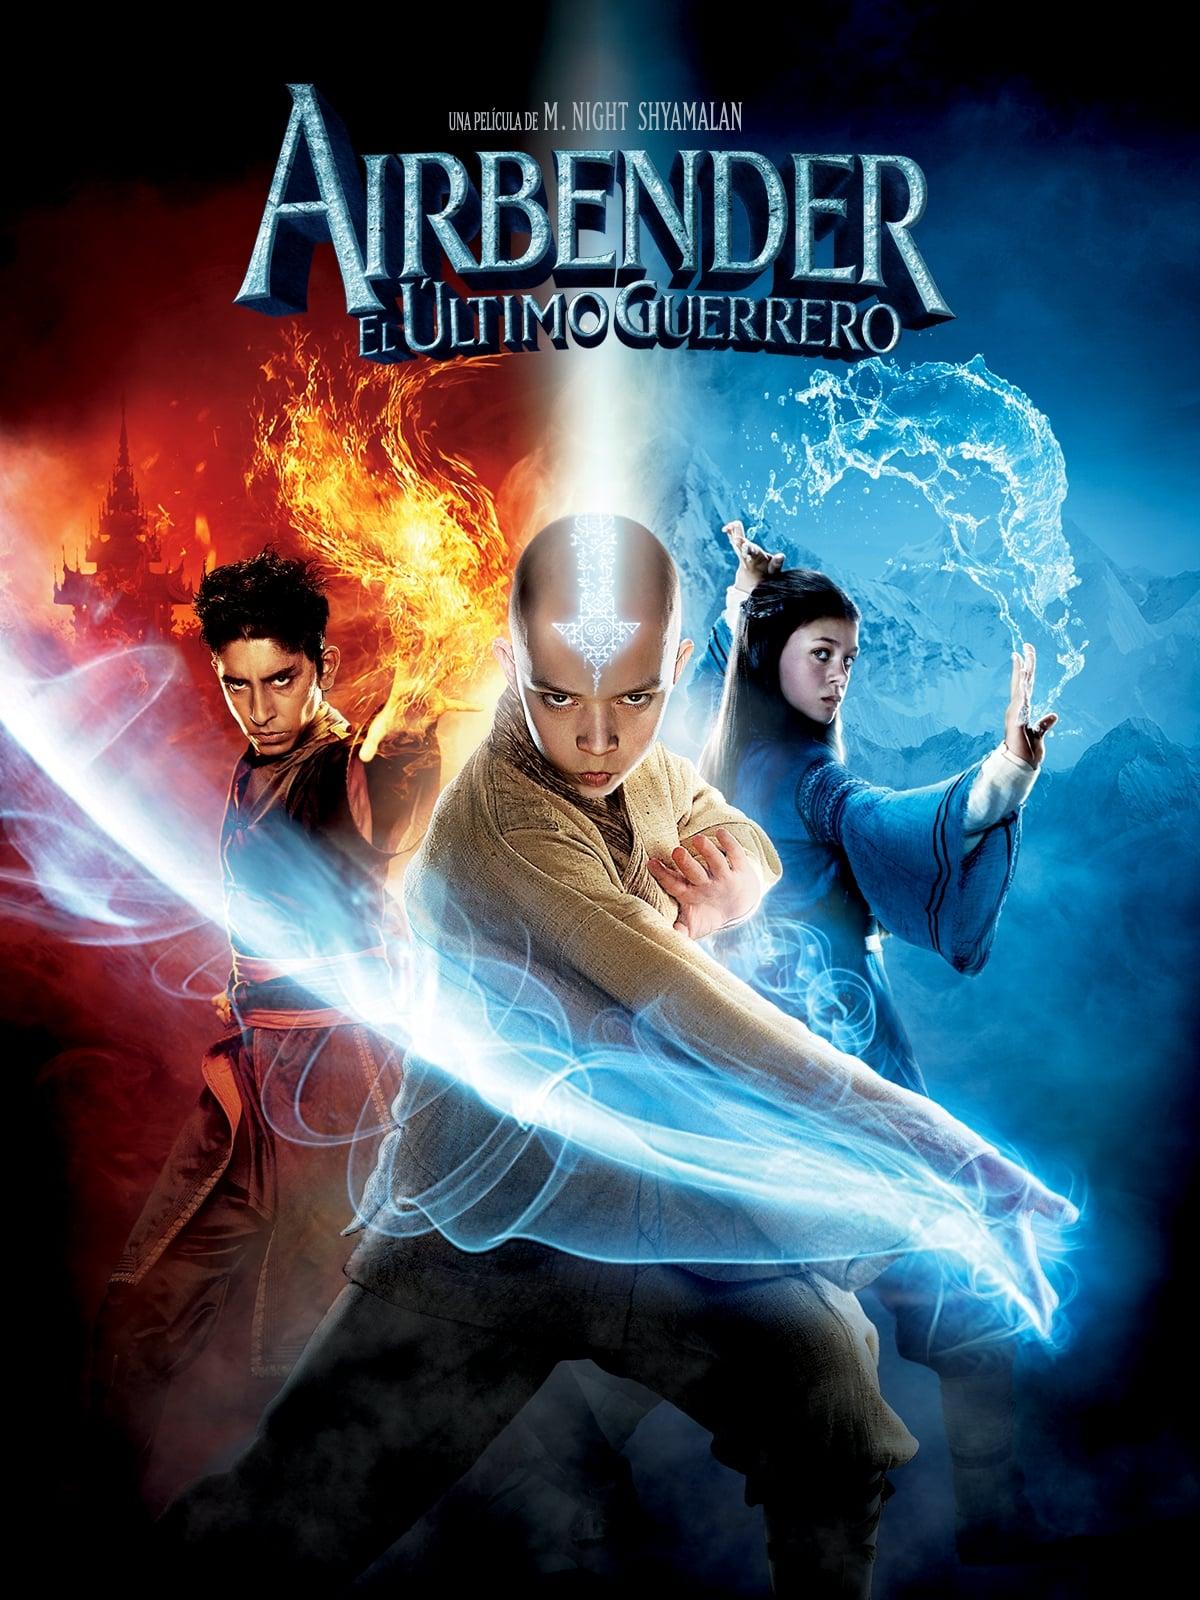 Avatar: The Last Airbender subtitles